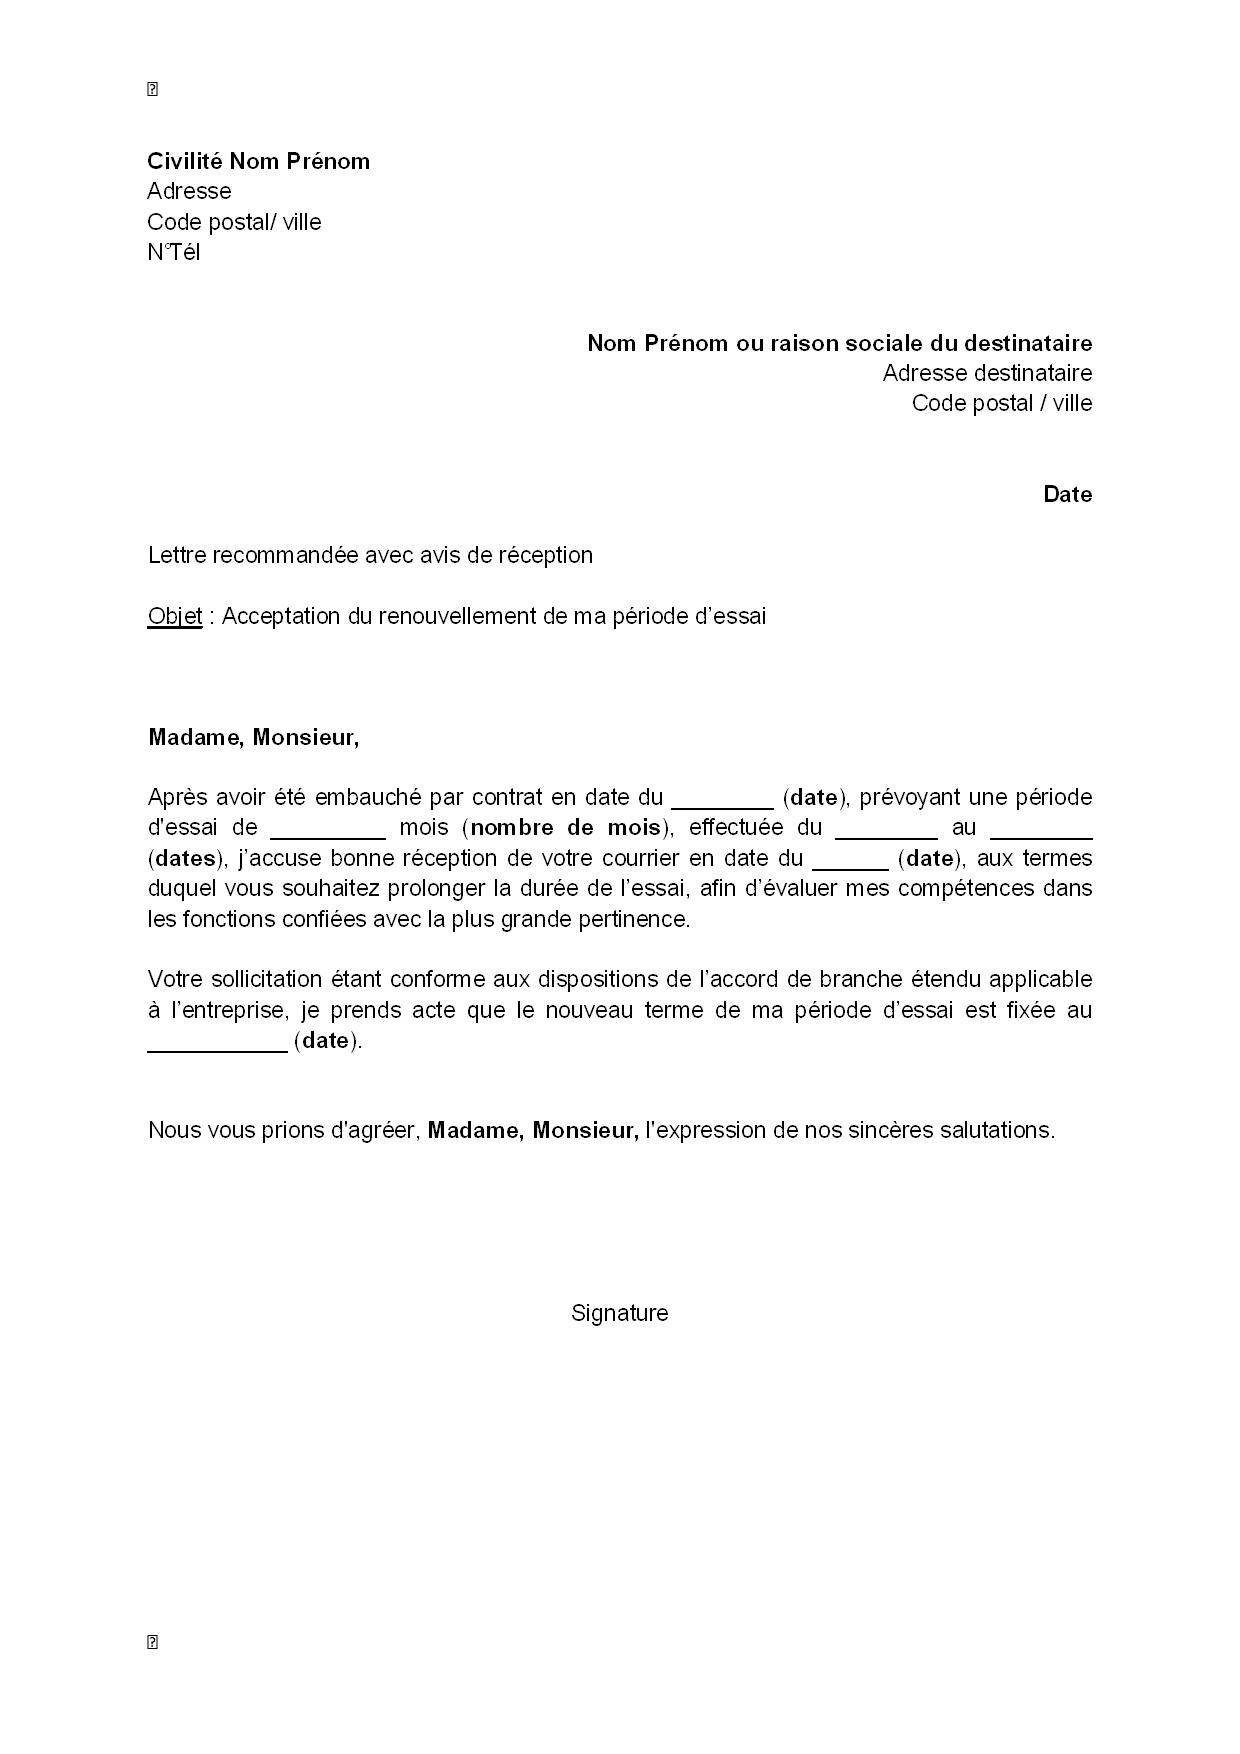 modele de lettre de renouvellement de contrat de travail Renouvellement De Contrat De Travail | sprookjesgrot modele de lettre de renouvellement de contrat de travail